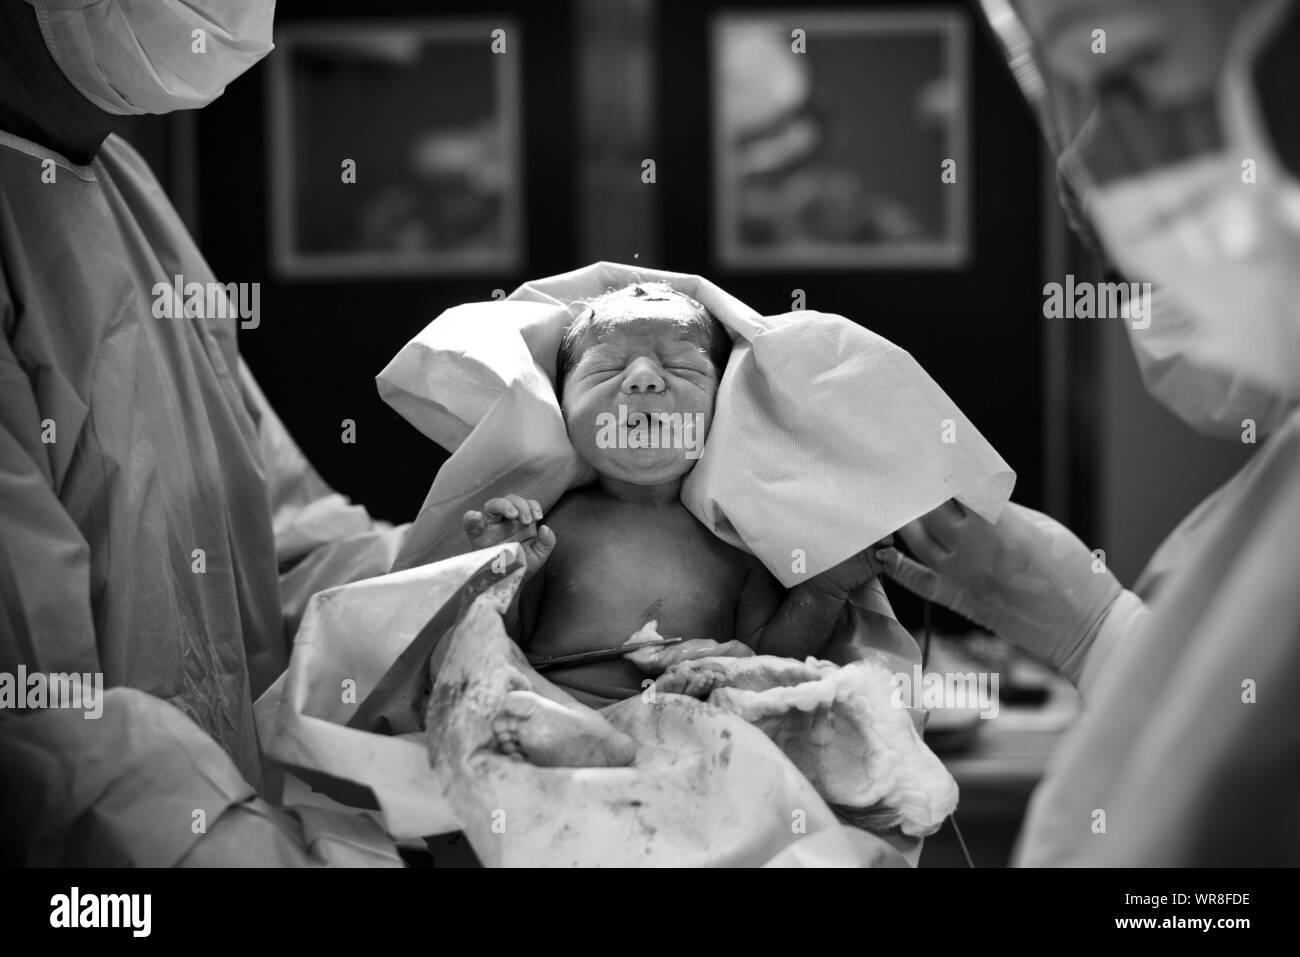 Los médicos llevar niña recién nacido en el Hospital Foto de stock